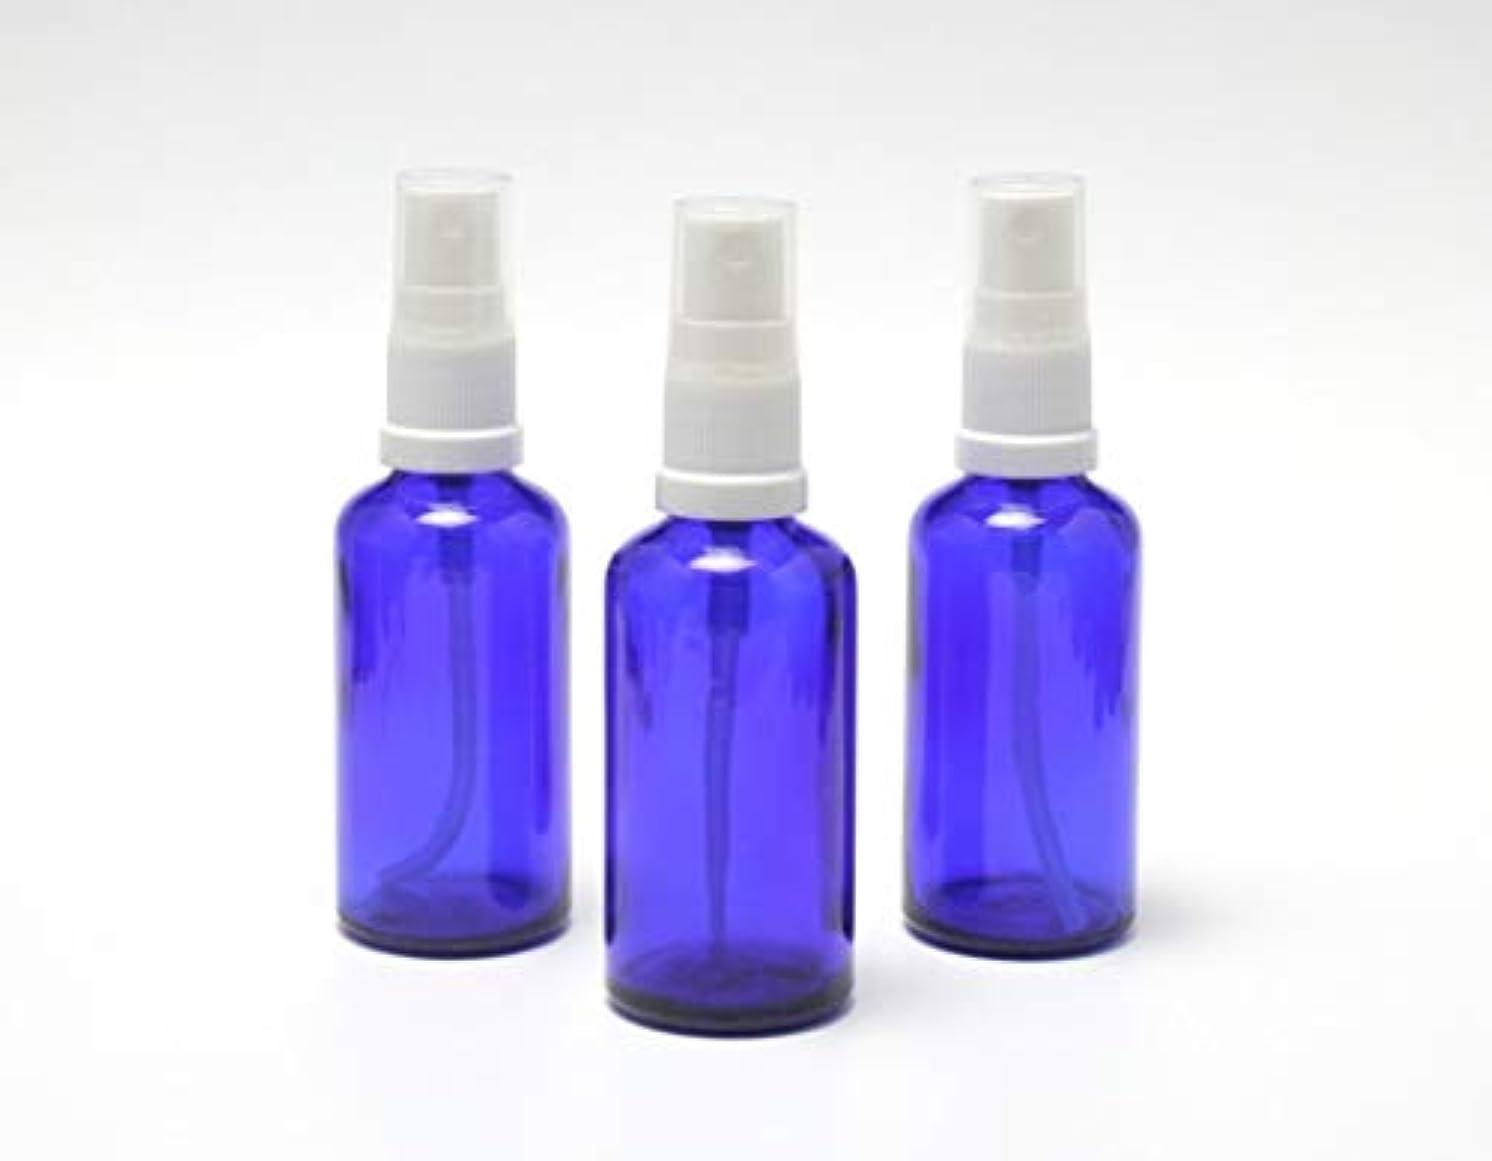 ルーチン気まぐれな依存する遮光瓶 スプレーボトル 50ml コバルトブルー/ホワイトヘッド(グラス/アトマイザー)【 アウトレット商品 】